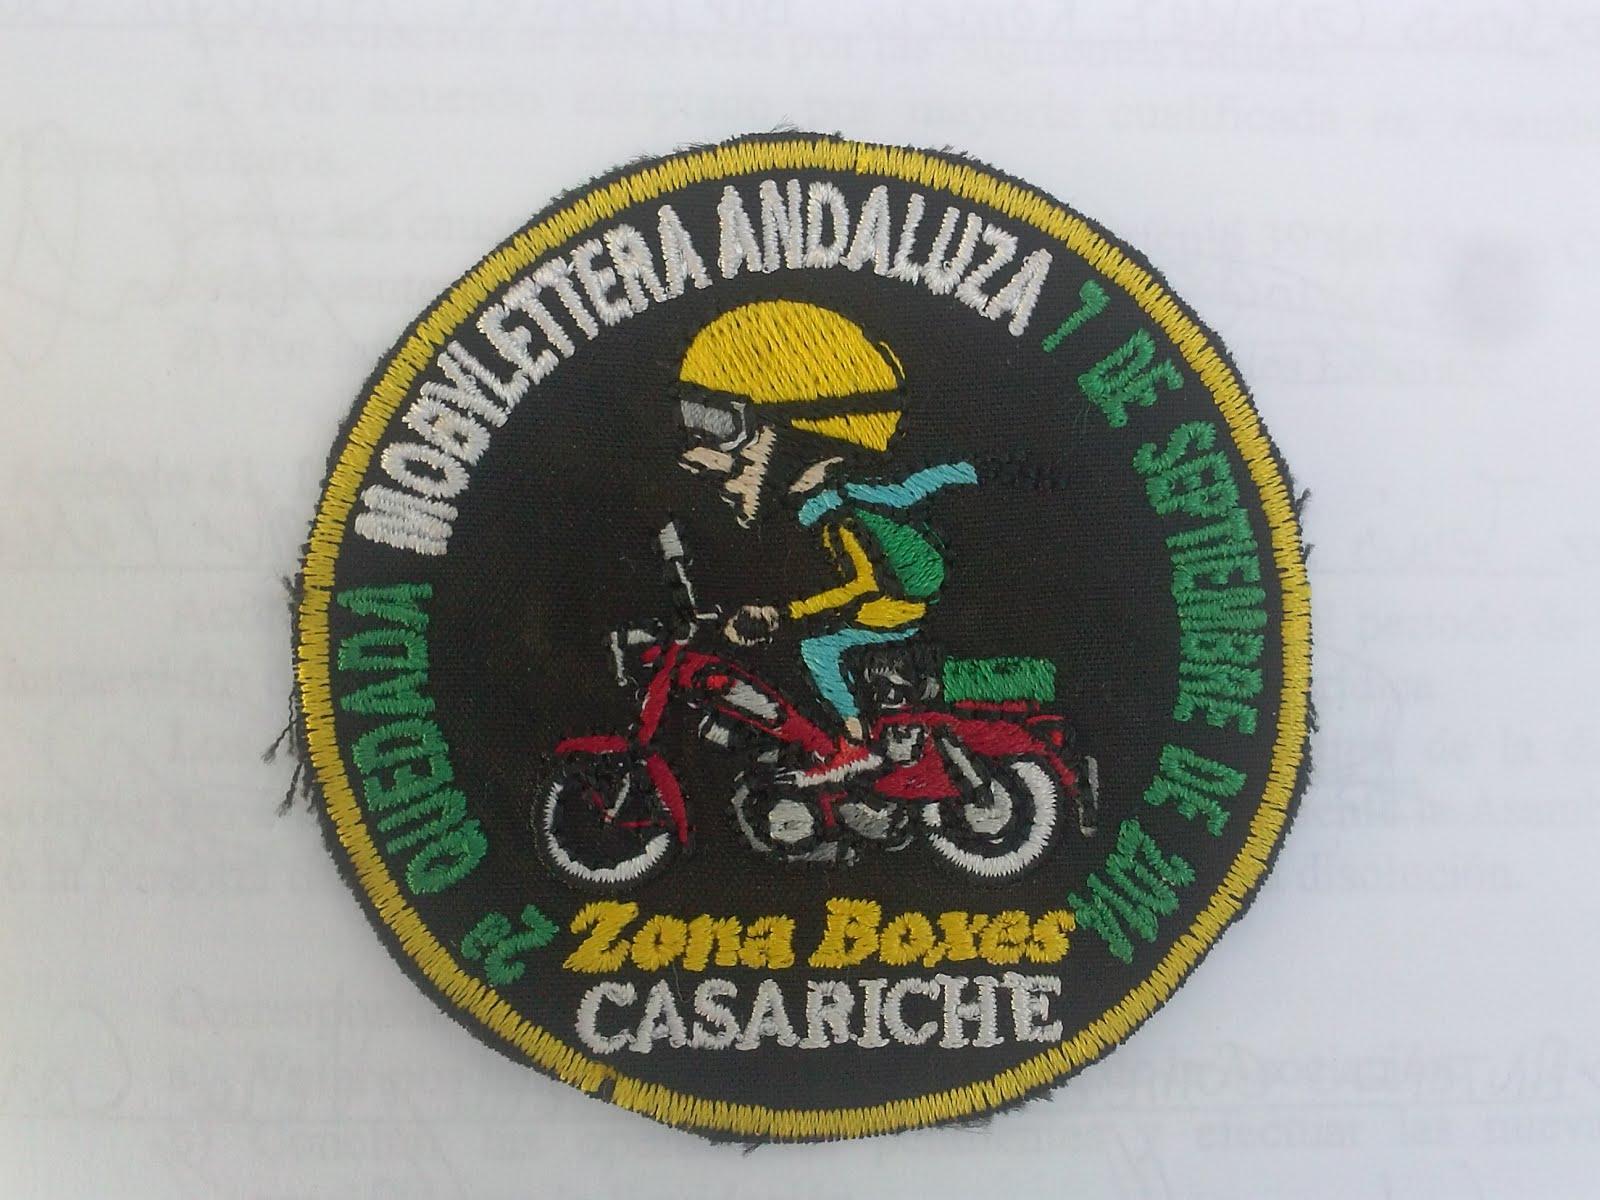 PARCHE OFICIAL DE LA SEGUNDA QUEDADA.